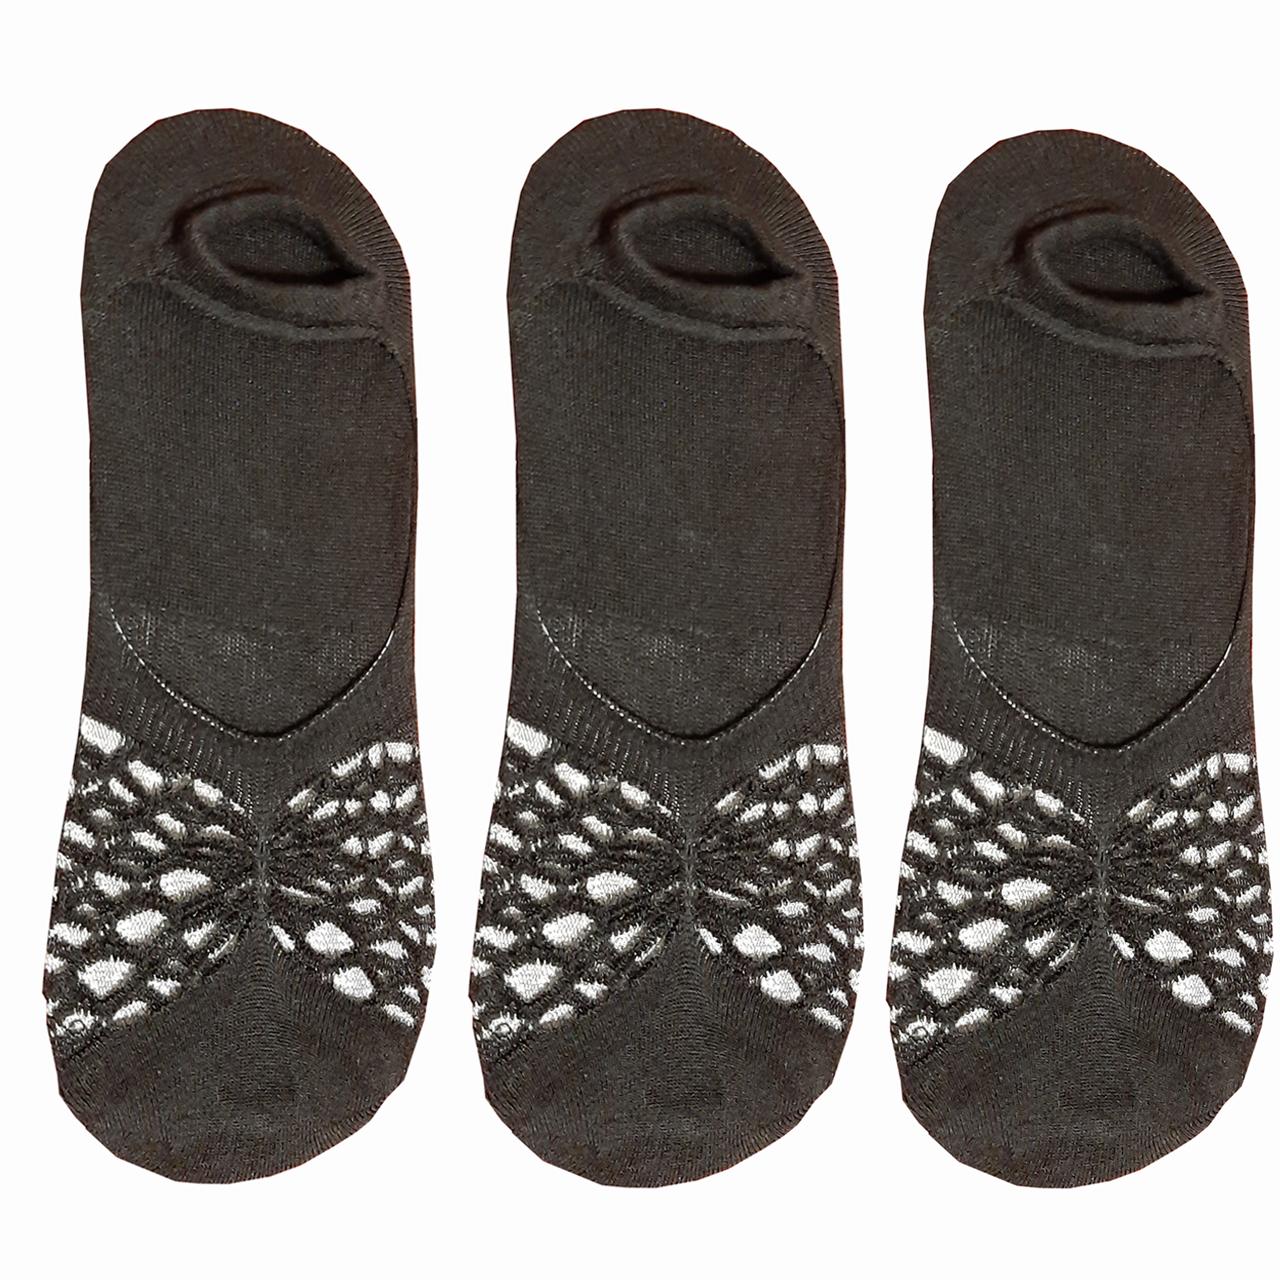 جوراب زنانه کد 8 بسته 3 عددی